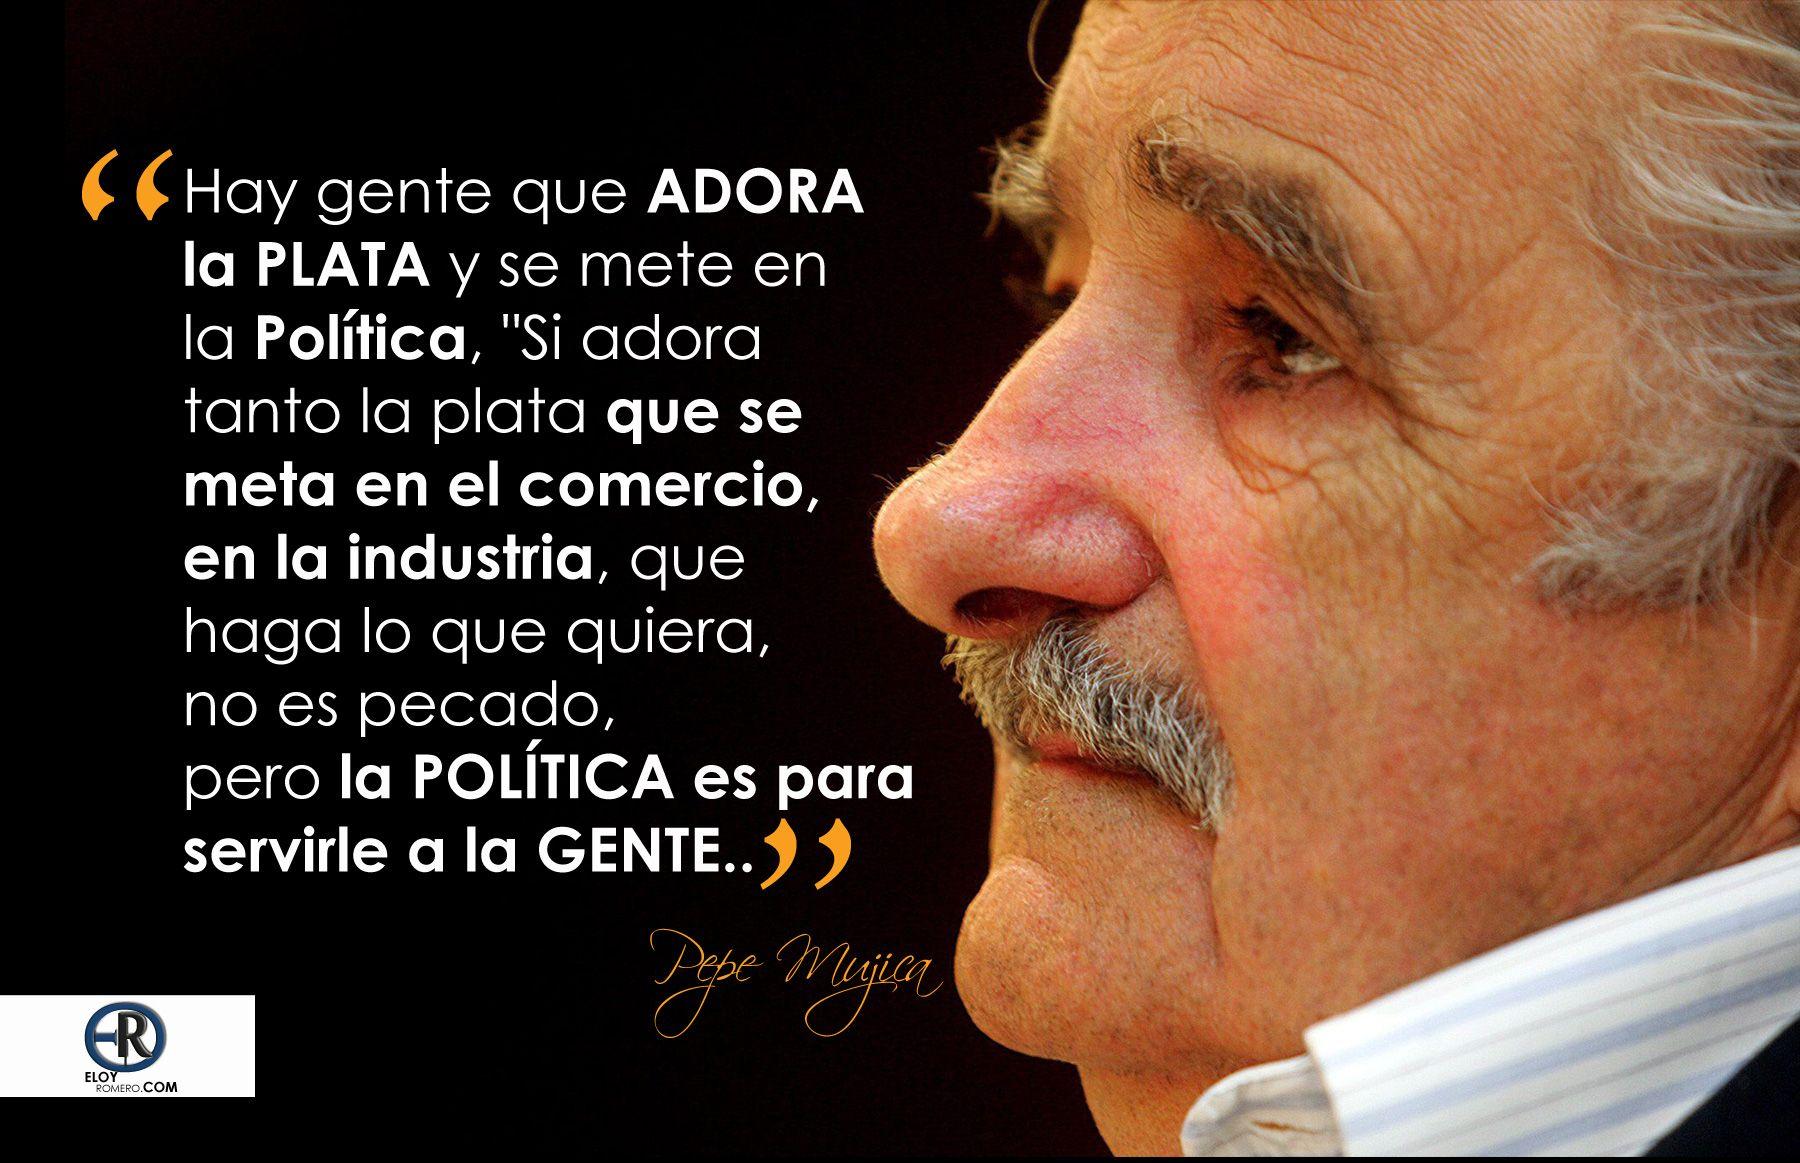 Mensajes De Reflexion: UN Mensaje Para Los Políticos De GRAN Pepe Mujica